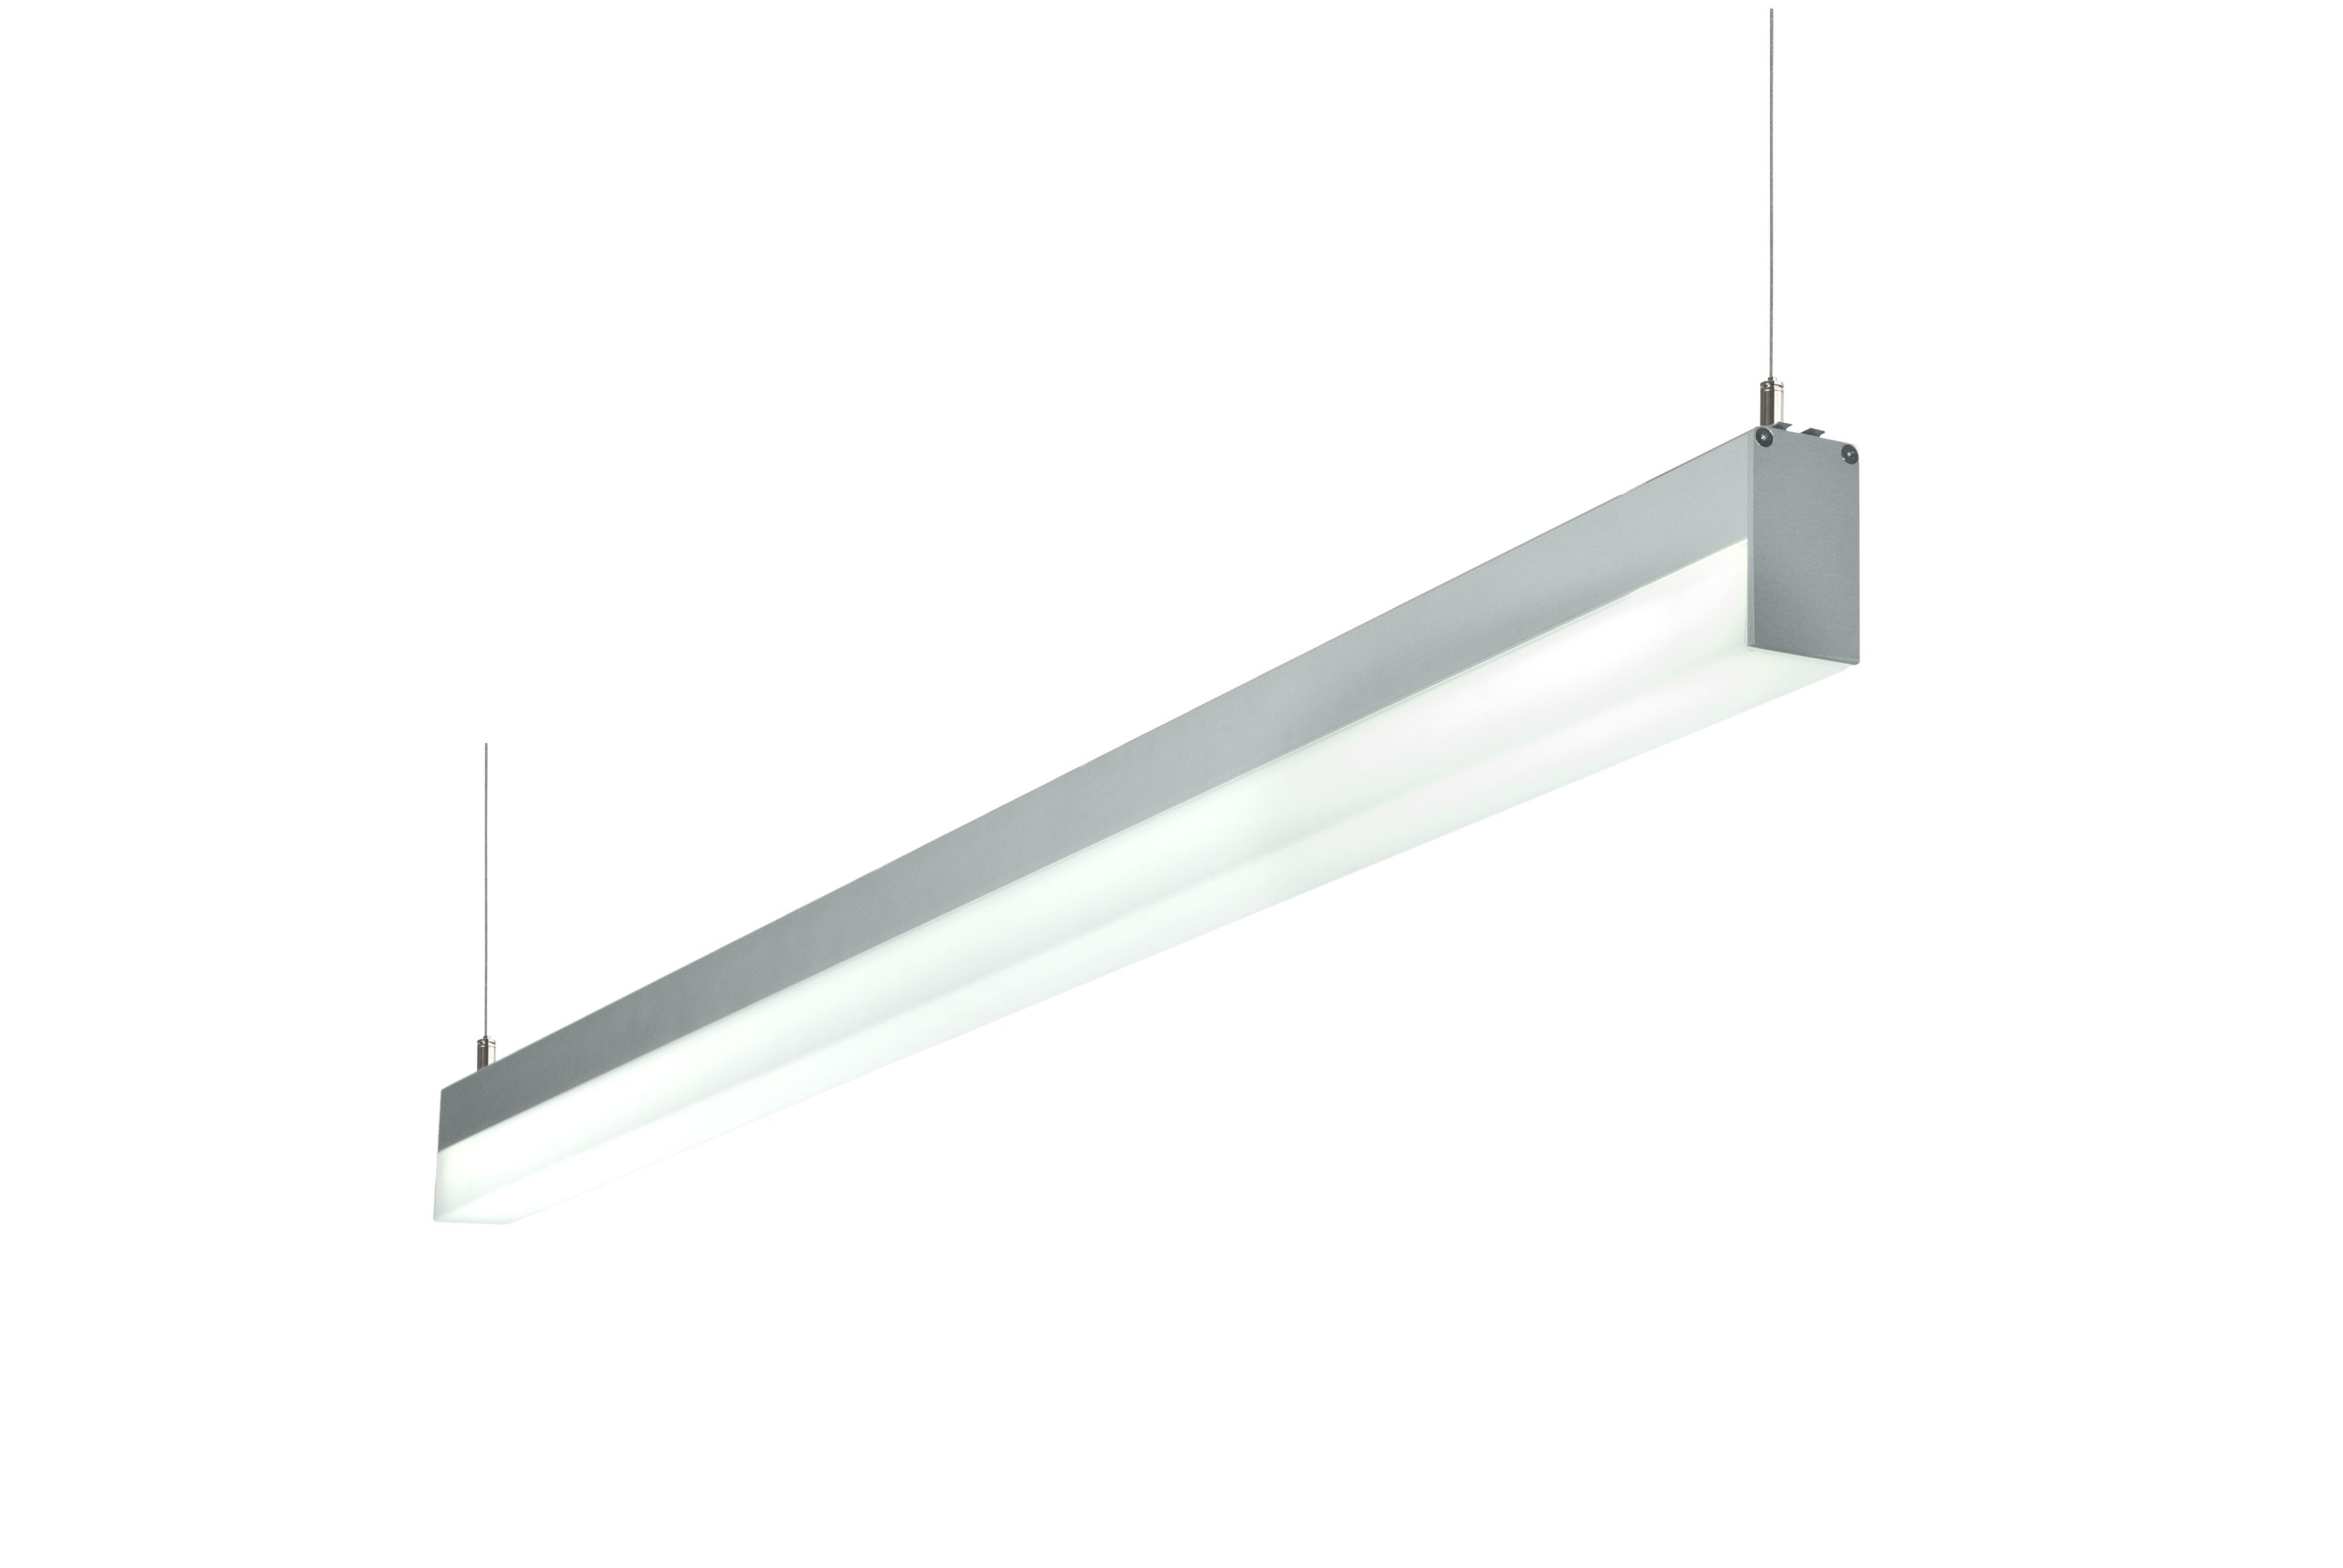 1 Stk LUCIE 1x14W EVG Lichtleiste, hohe opale Abdeckung, eloxiert LI38000010